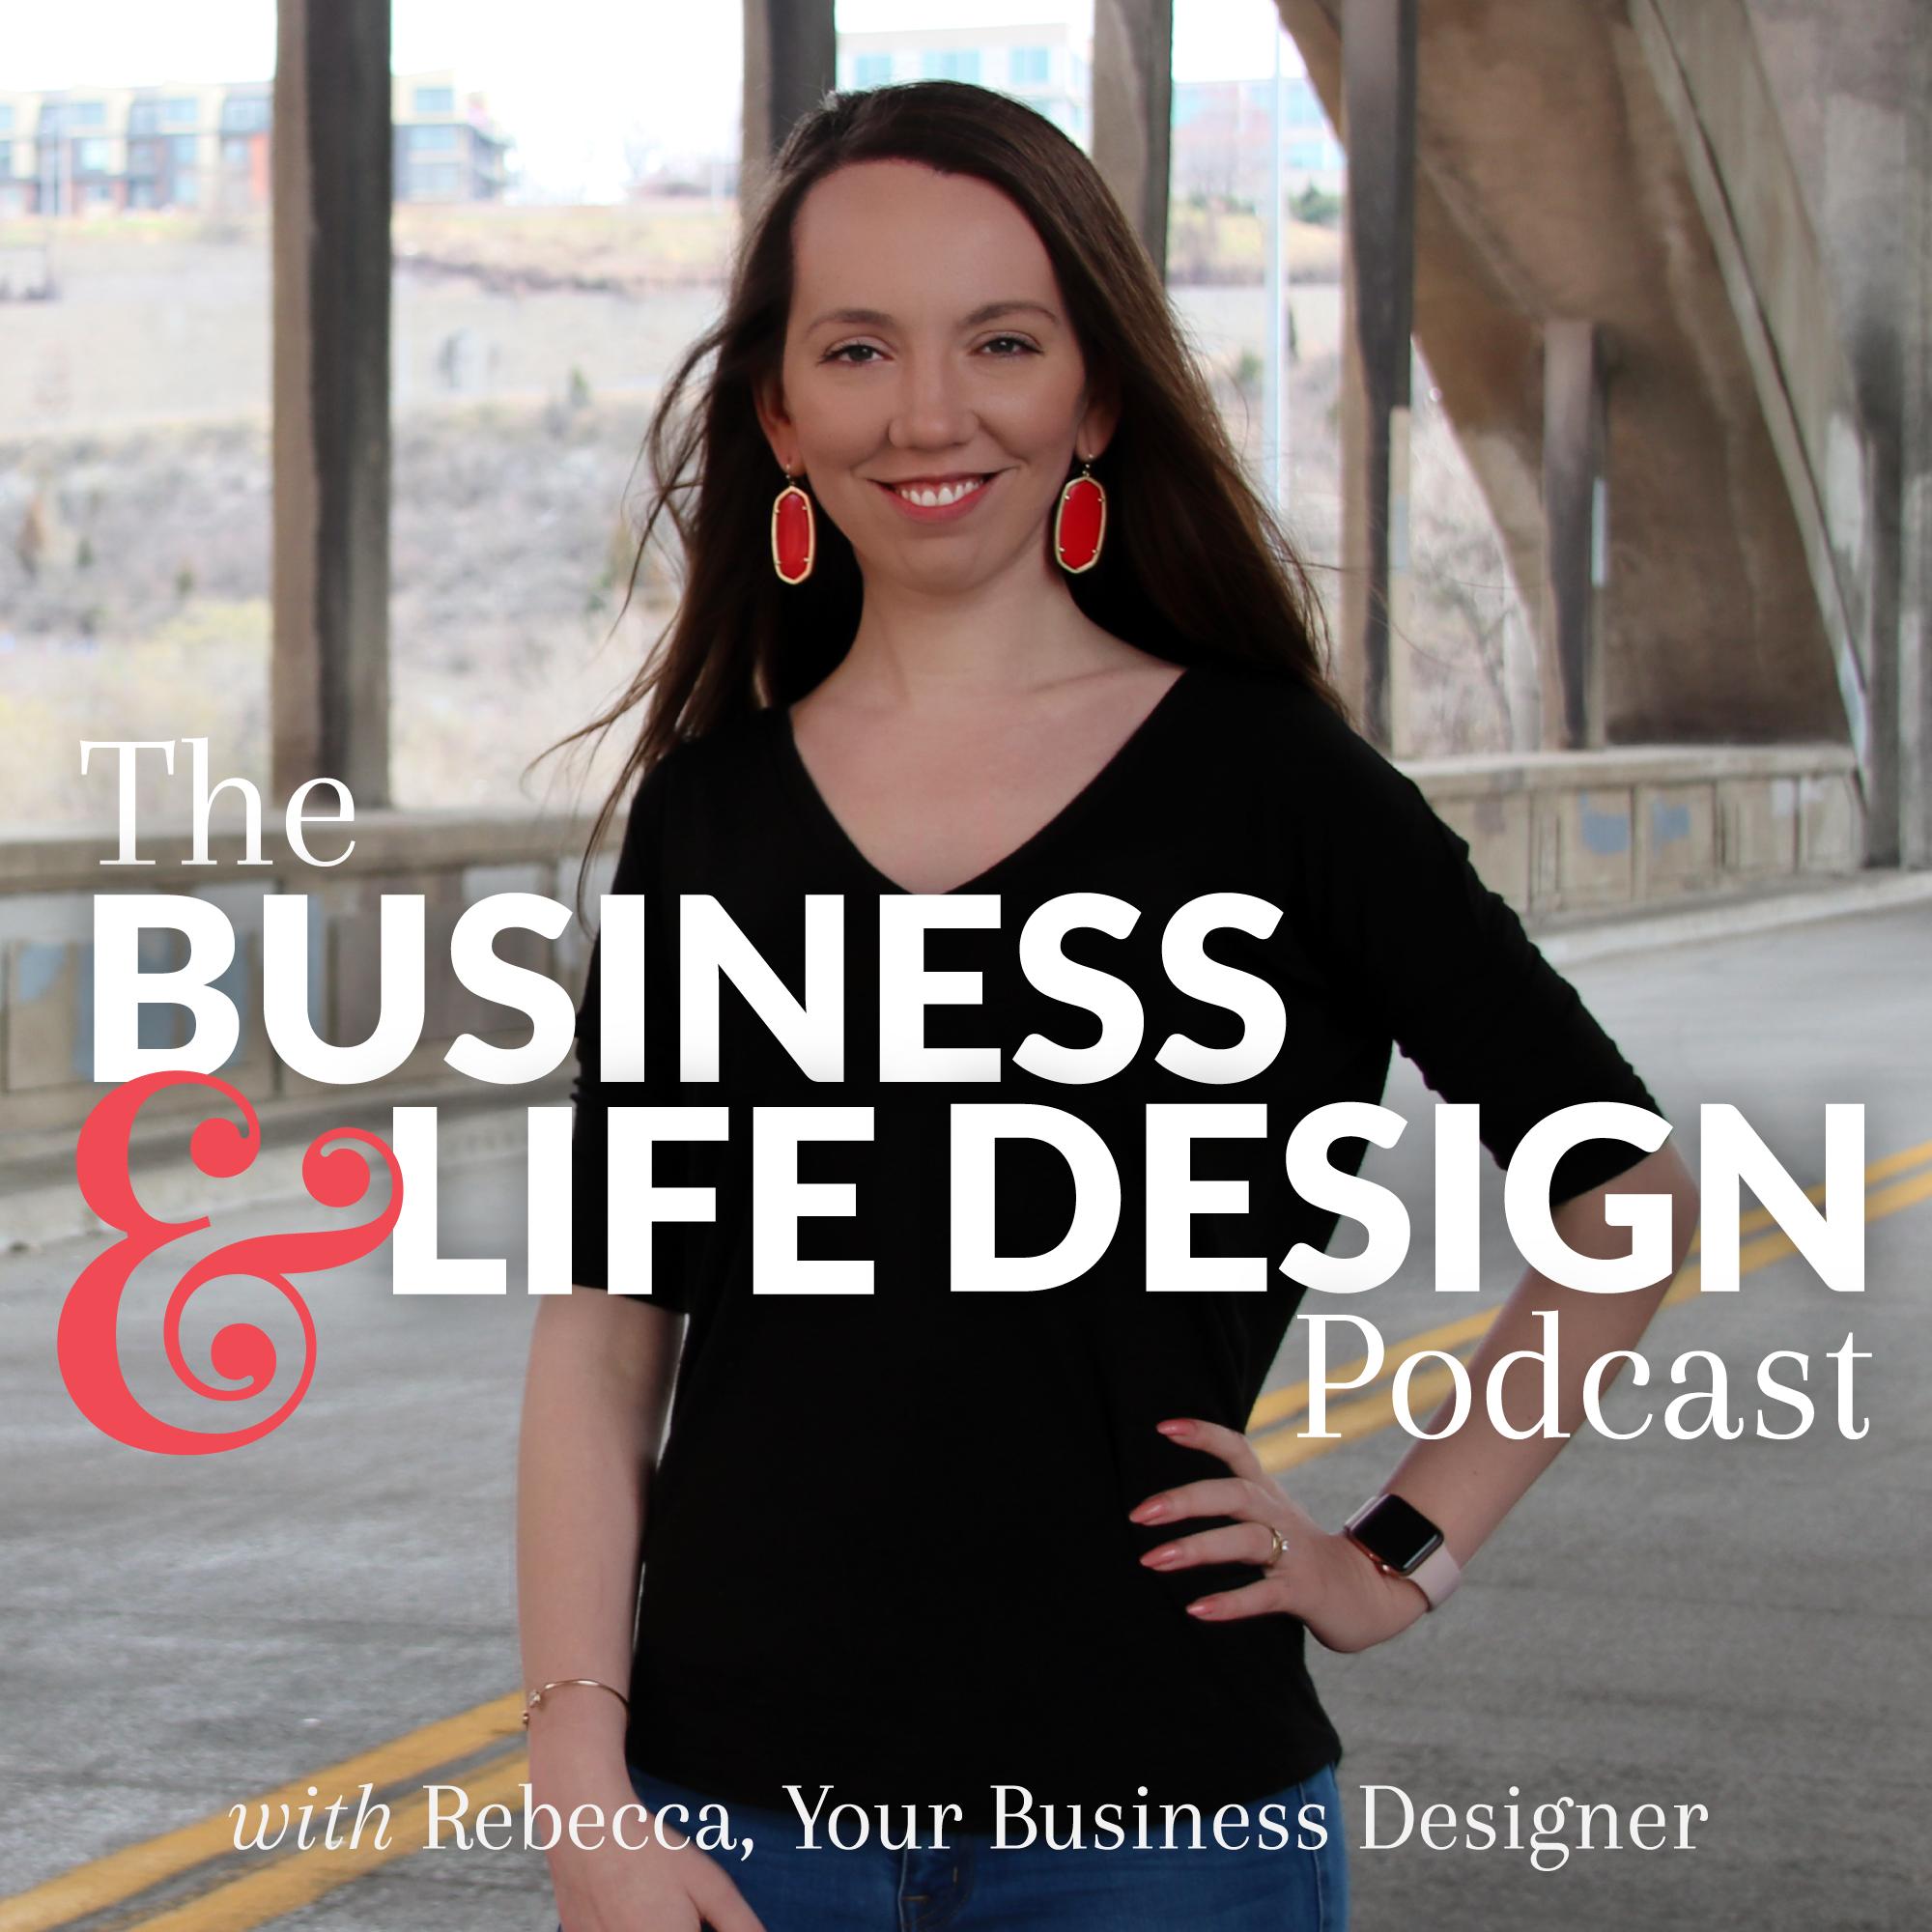 Business & Life Design Podcast show art